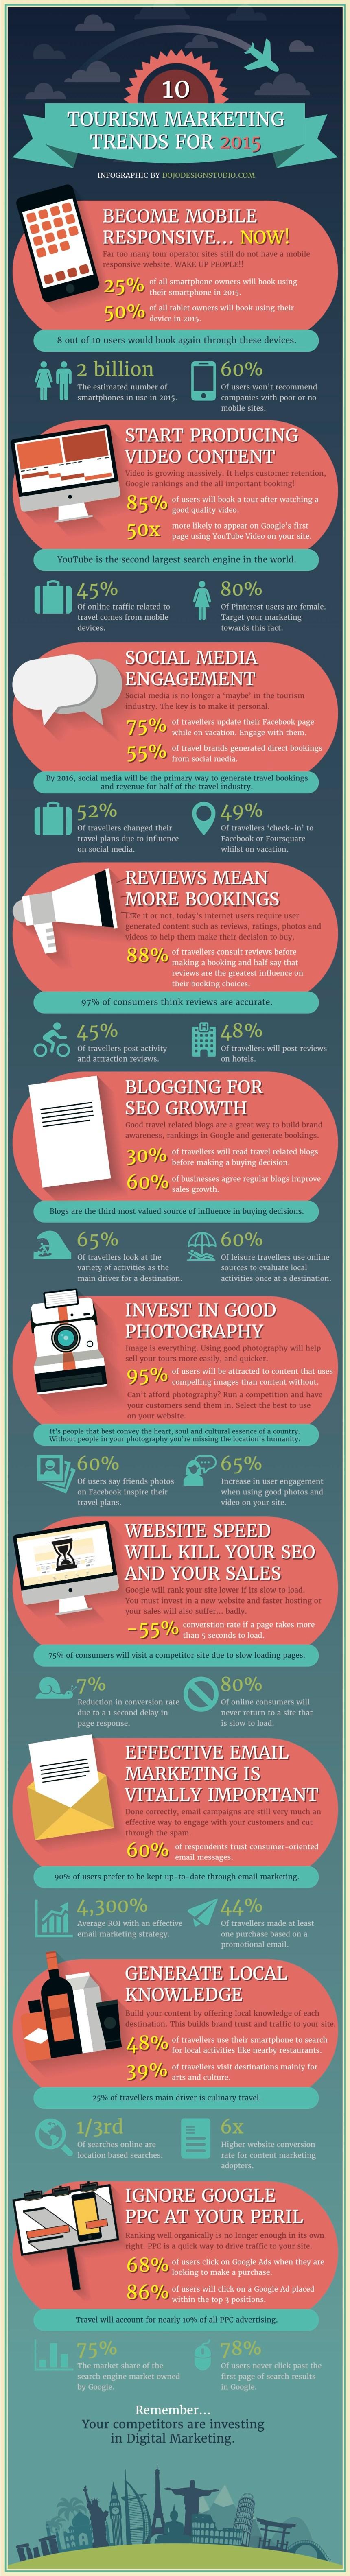 10 tendencias en marketing turístico para 2015